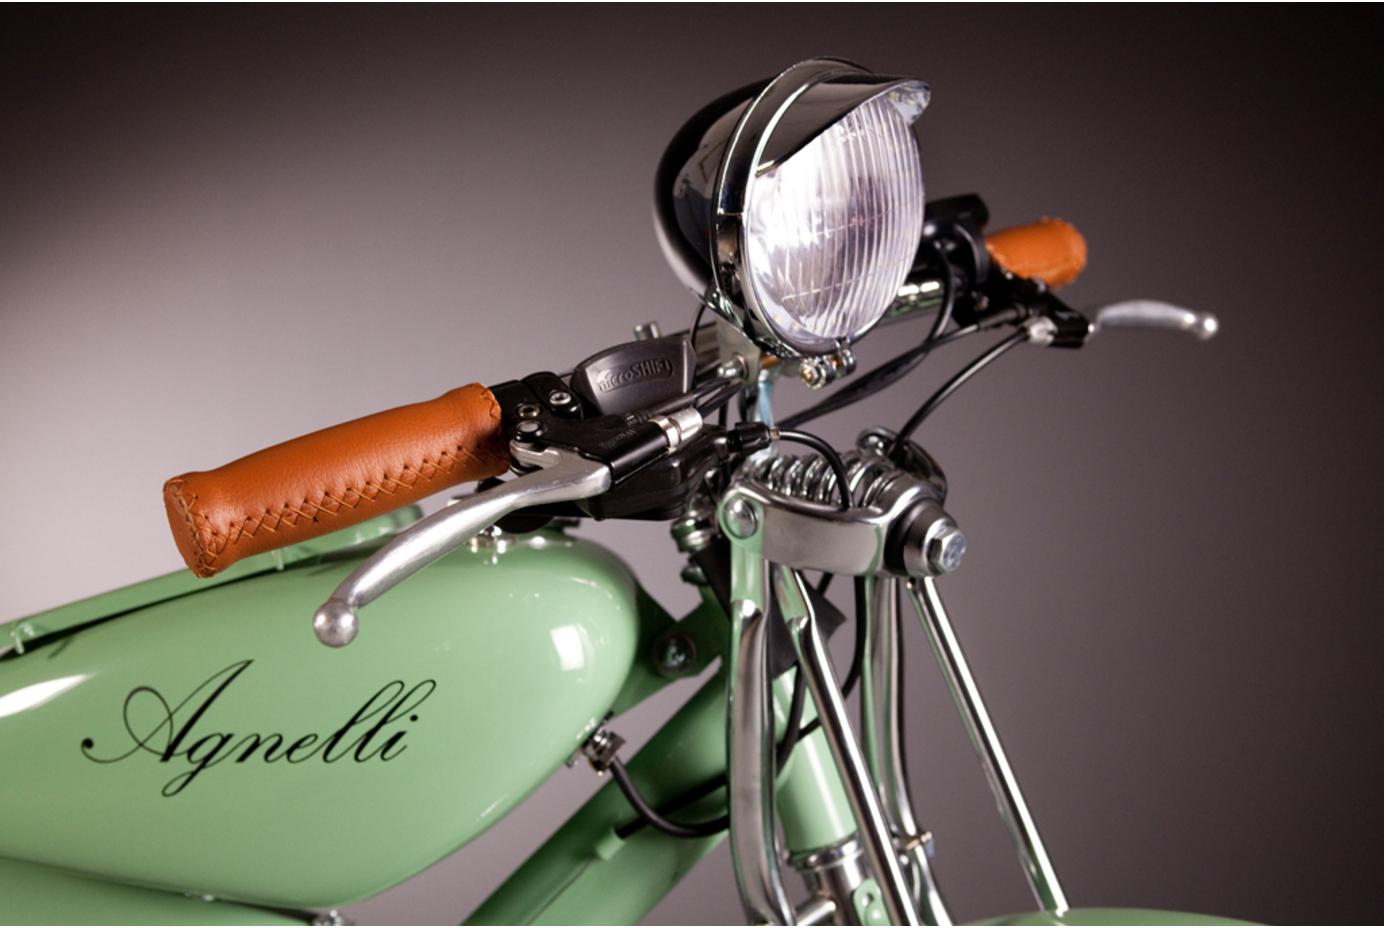 agnelli-milano-bici-baya-iyi-bisiklet-5